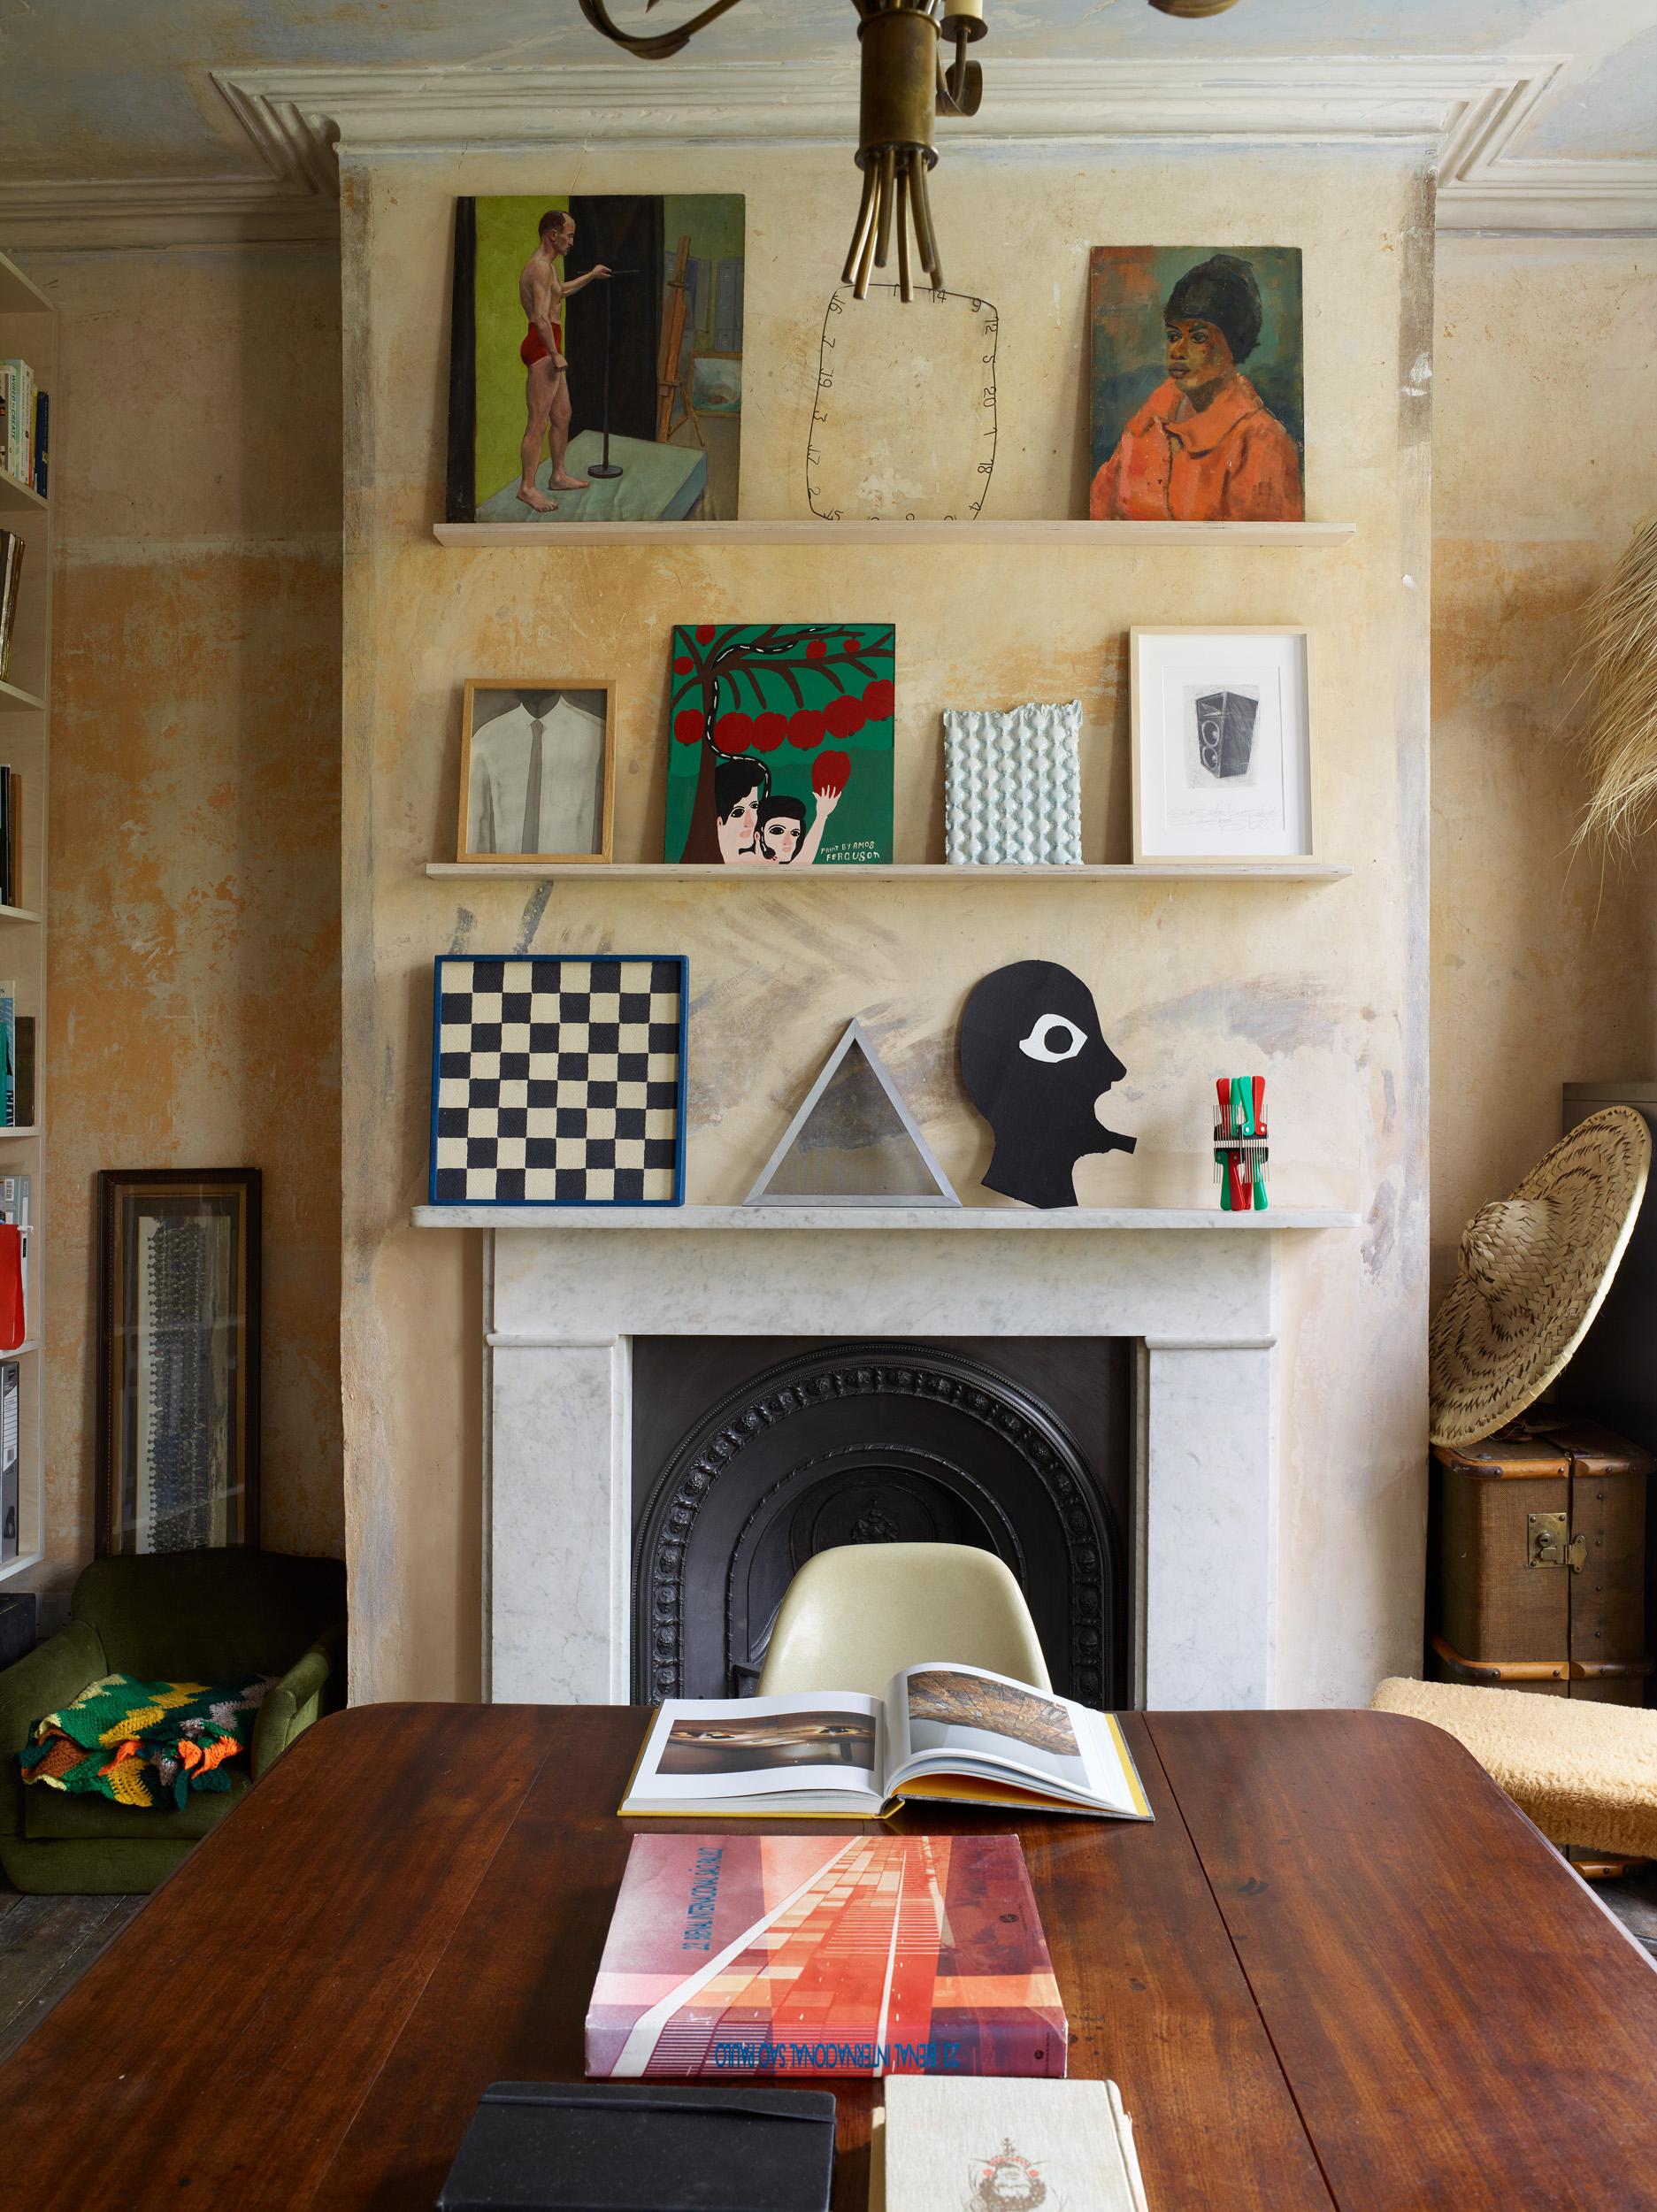 rachael-smith-interiors-14122019-007